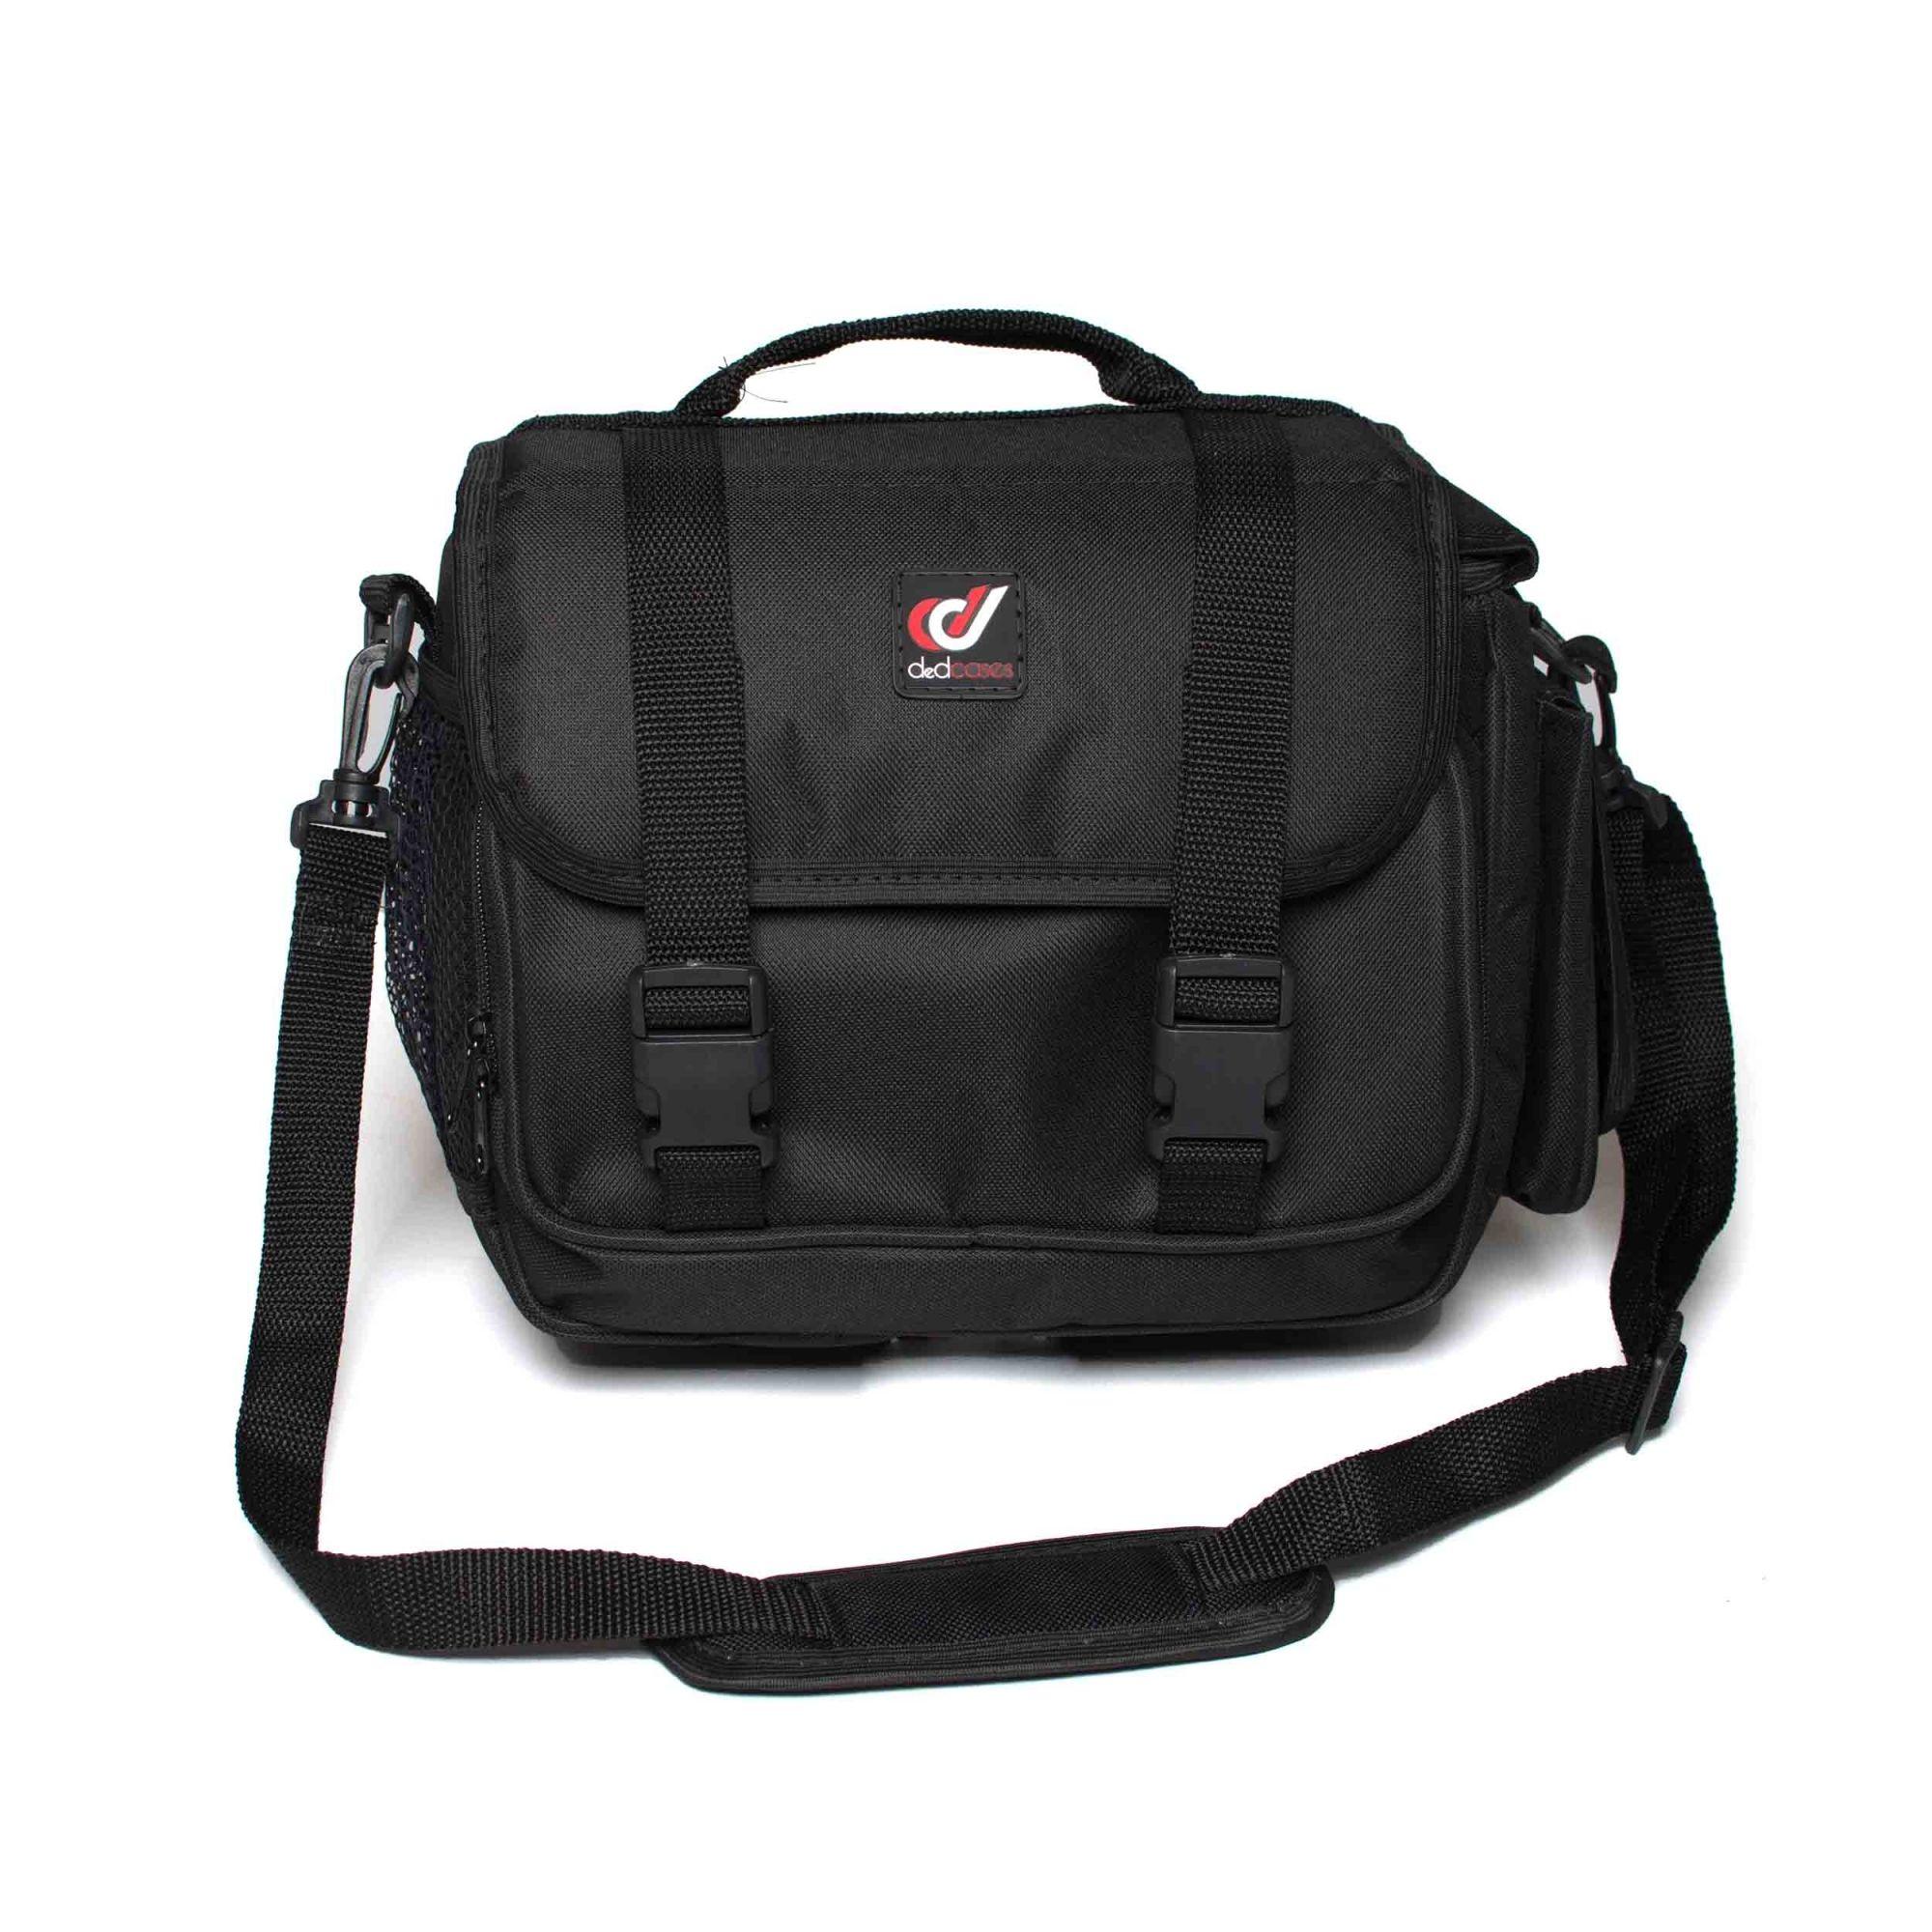 Maleta para camera fotografica hiper Bag